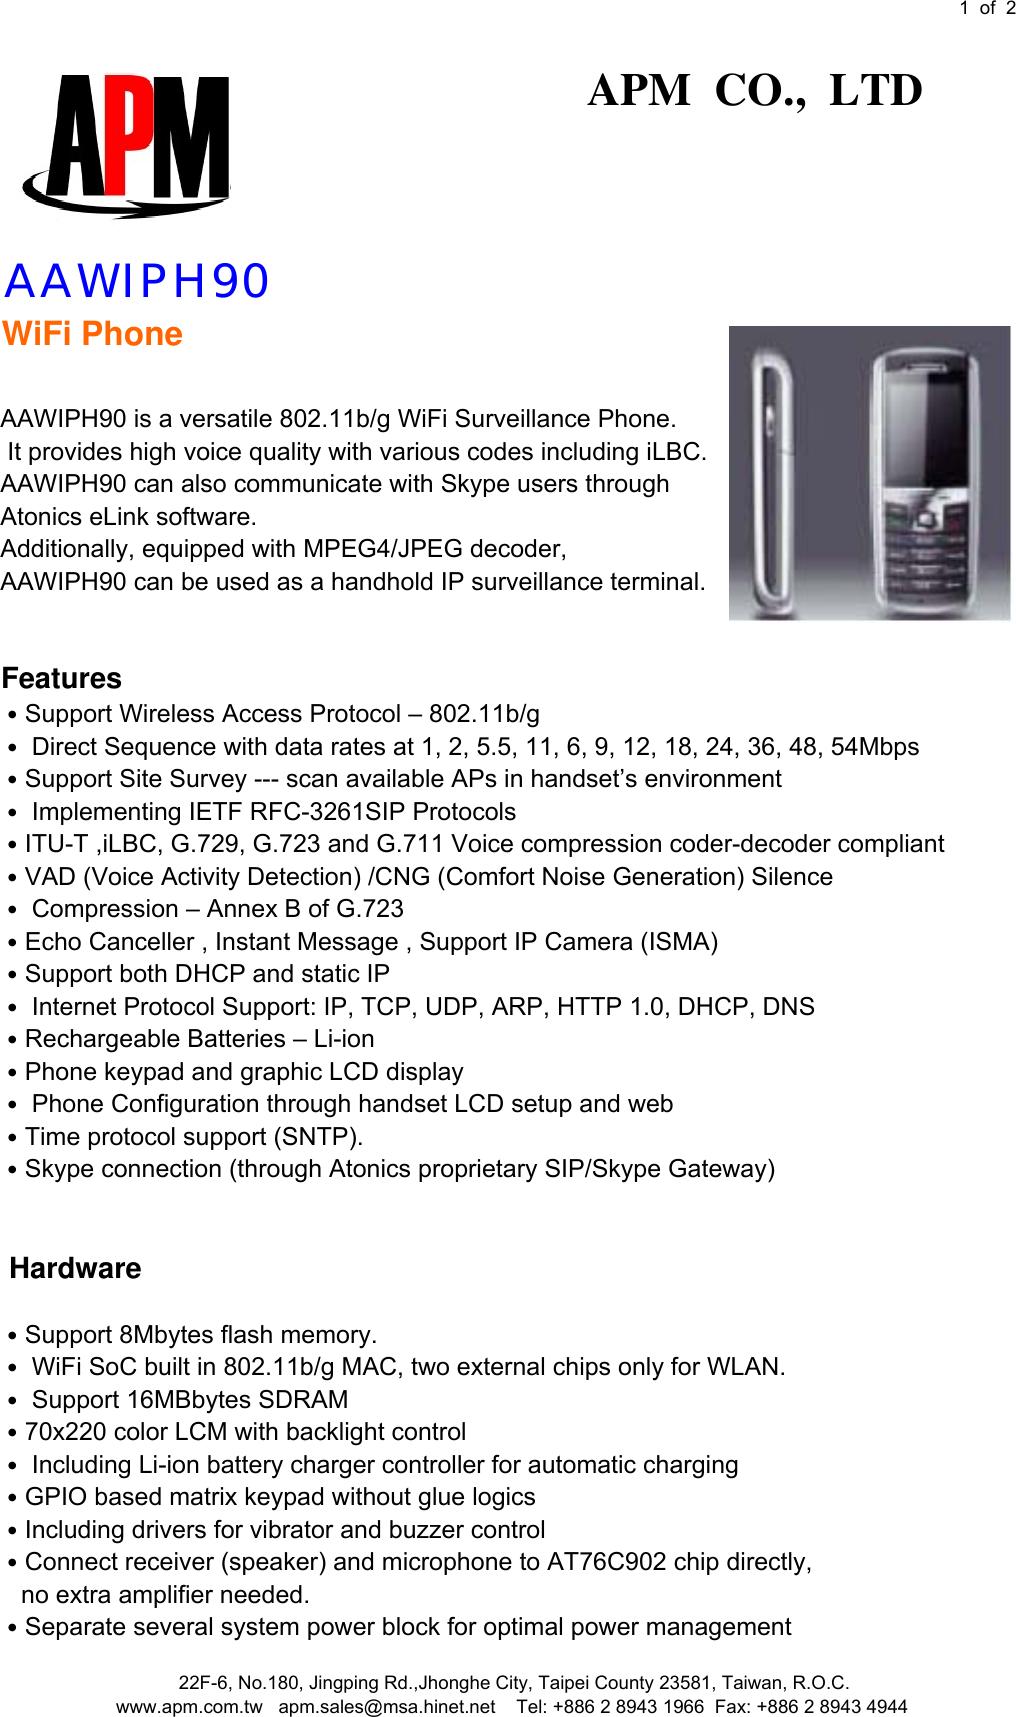 apm aawiph90 user manual to the 6a2847e2 4bcd 4a31 ac1f a69e917077e9 rh usermanual wiki meridium apm user manual apm 303 user manual